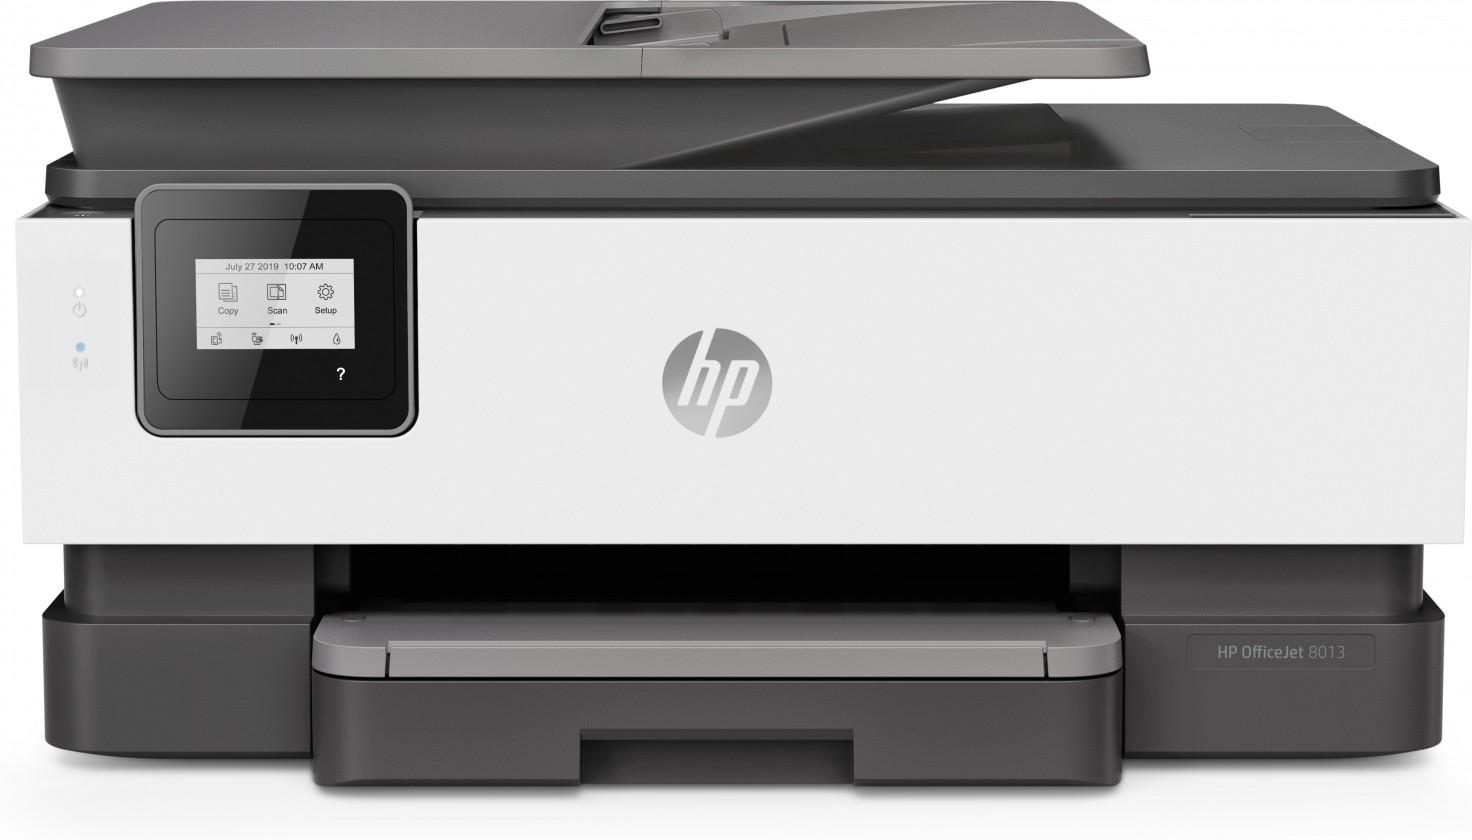 Atramentová tlačiareň Multifunkčná atramentová tlačiareň HP All-in-One Officejet 8013